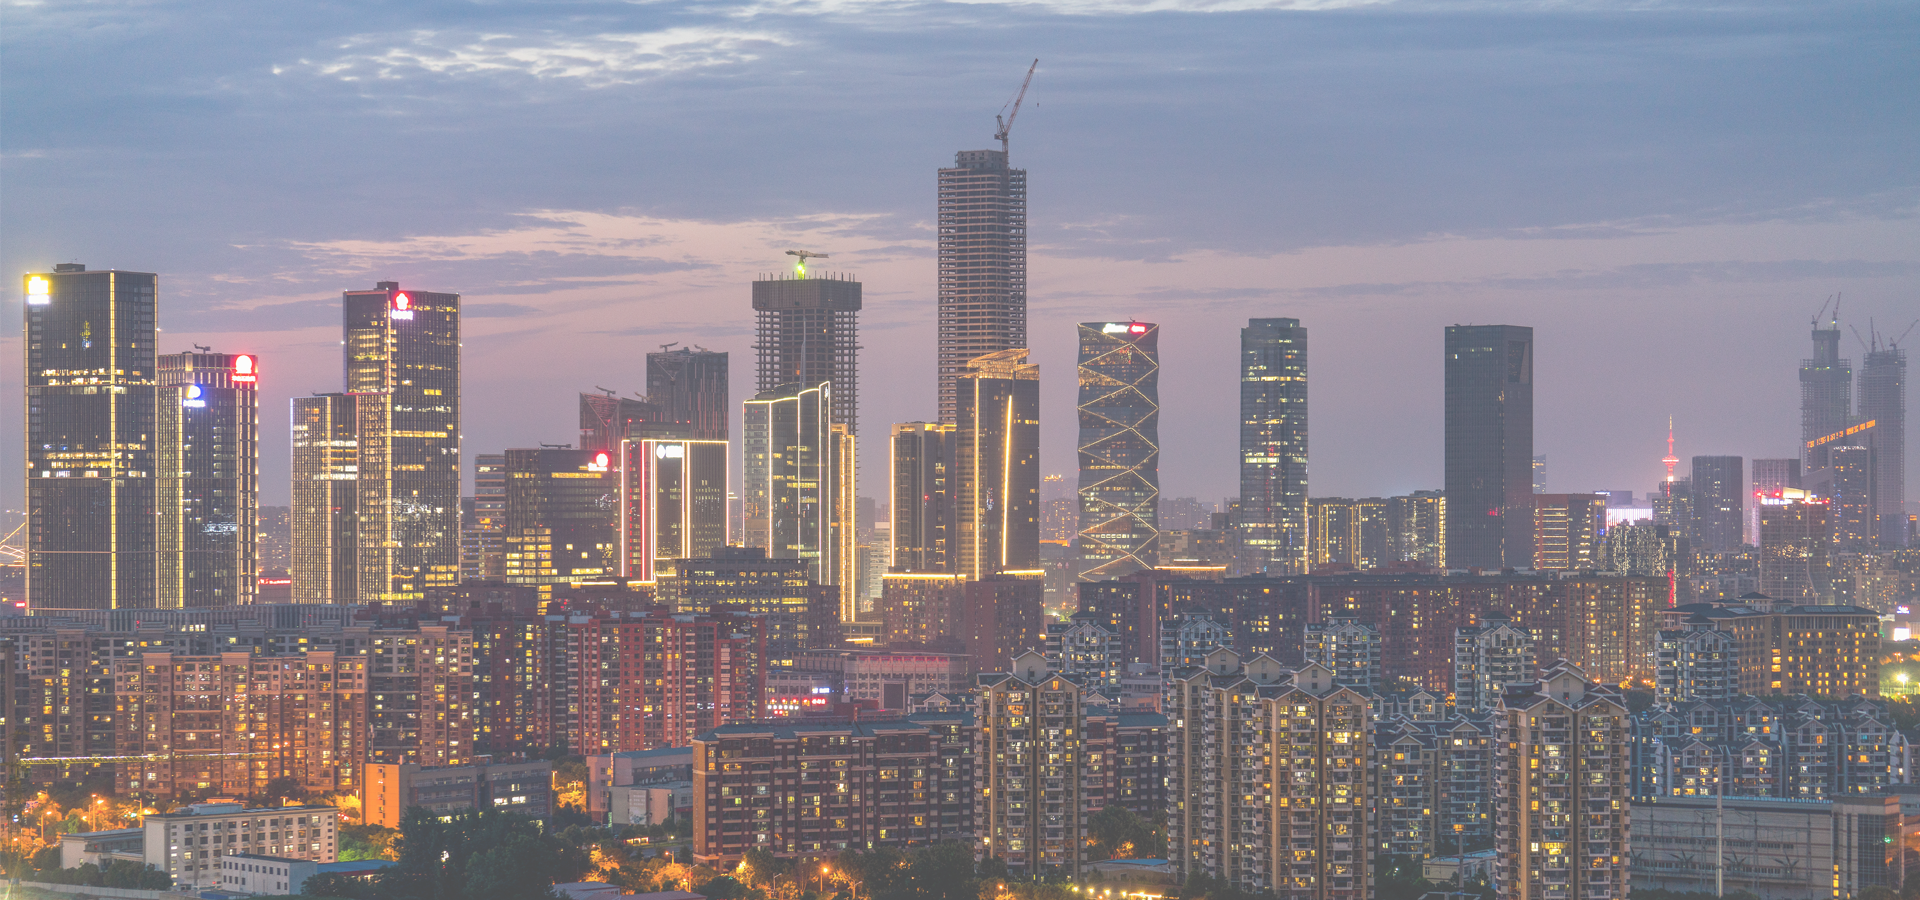 <b>Nanjing, Jiangsu Province, China</b>